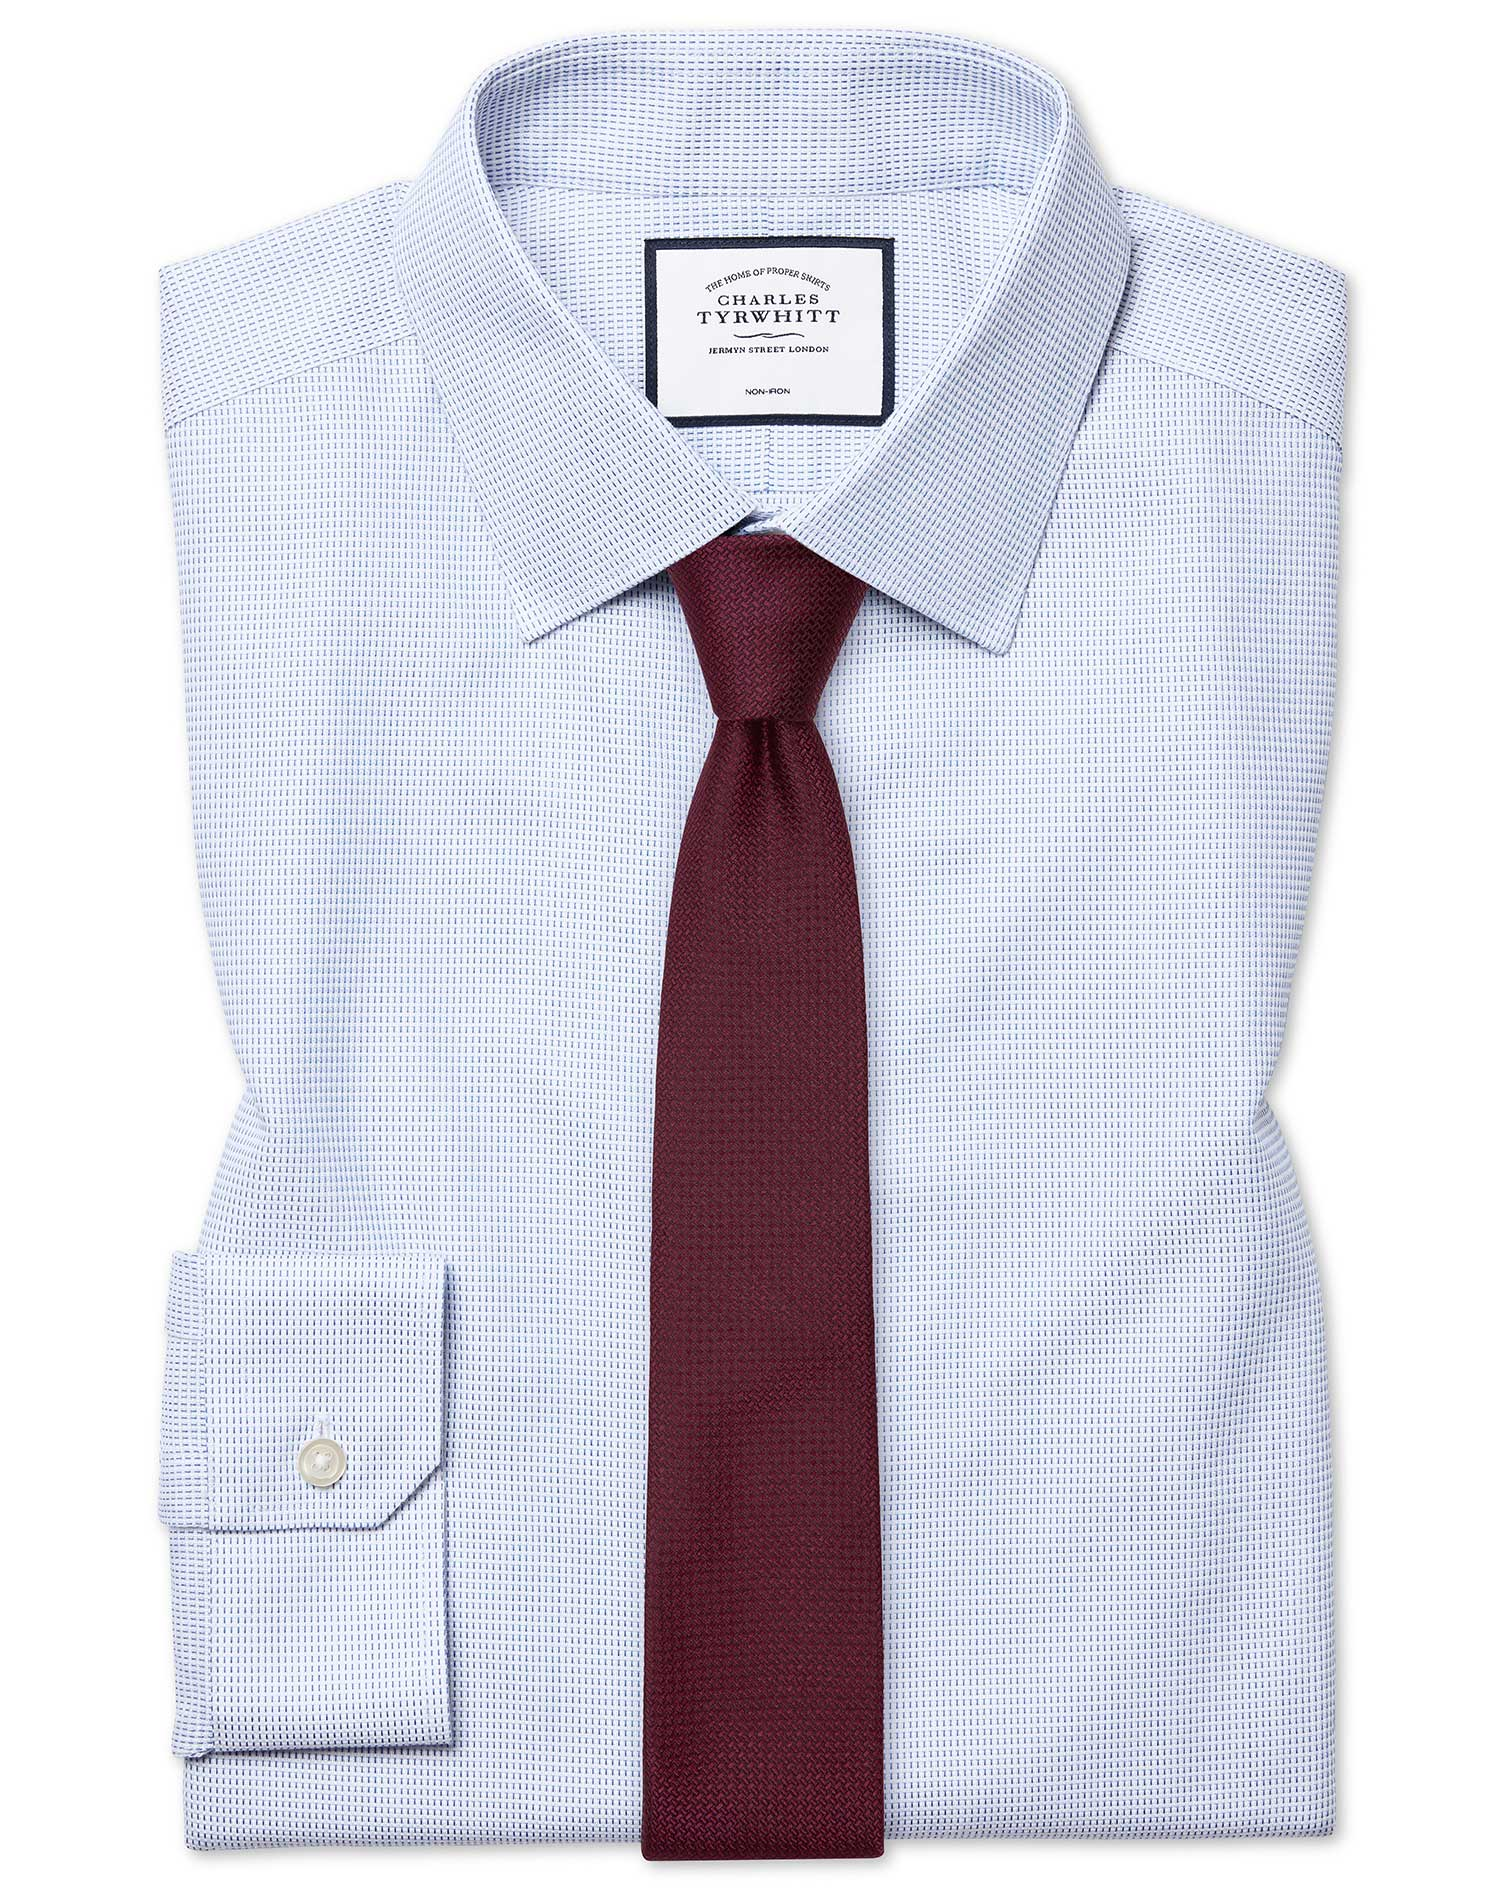 Cotton Super Slim Fit Non-Iron Dash Weave Blue Shirt